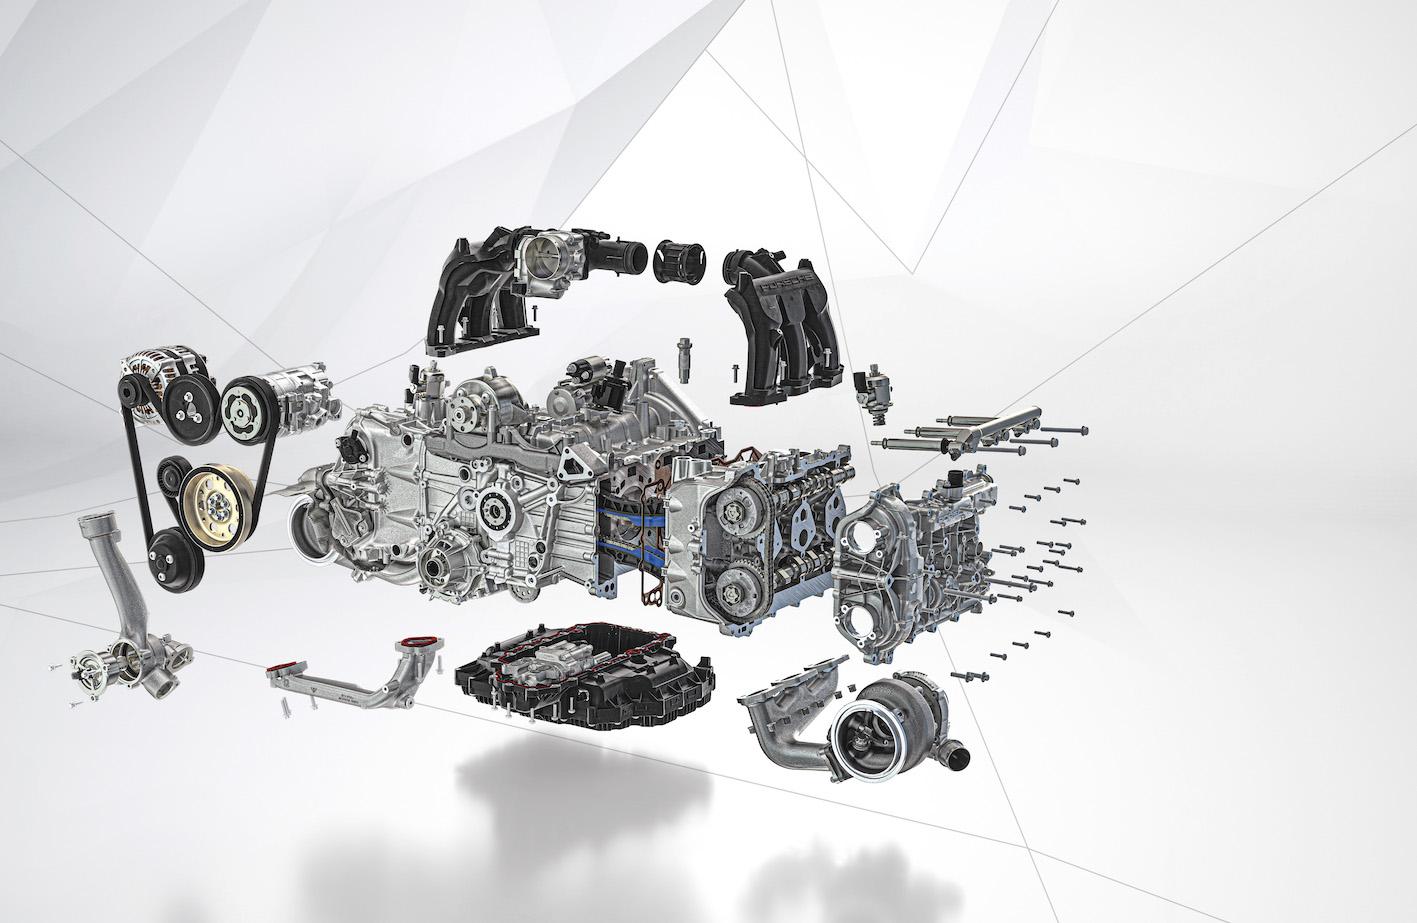 Turbo-graphique : les Porsche turbo dévoilent leurs cœurs – FR/UK